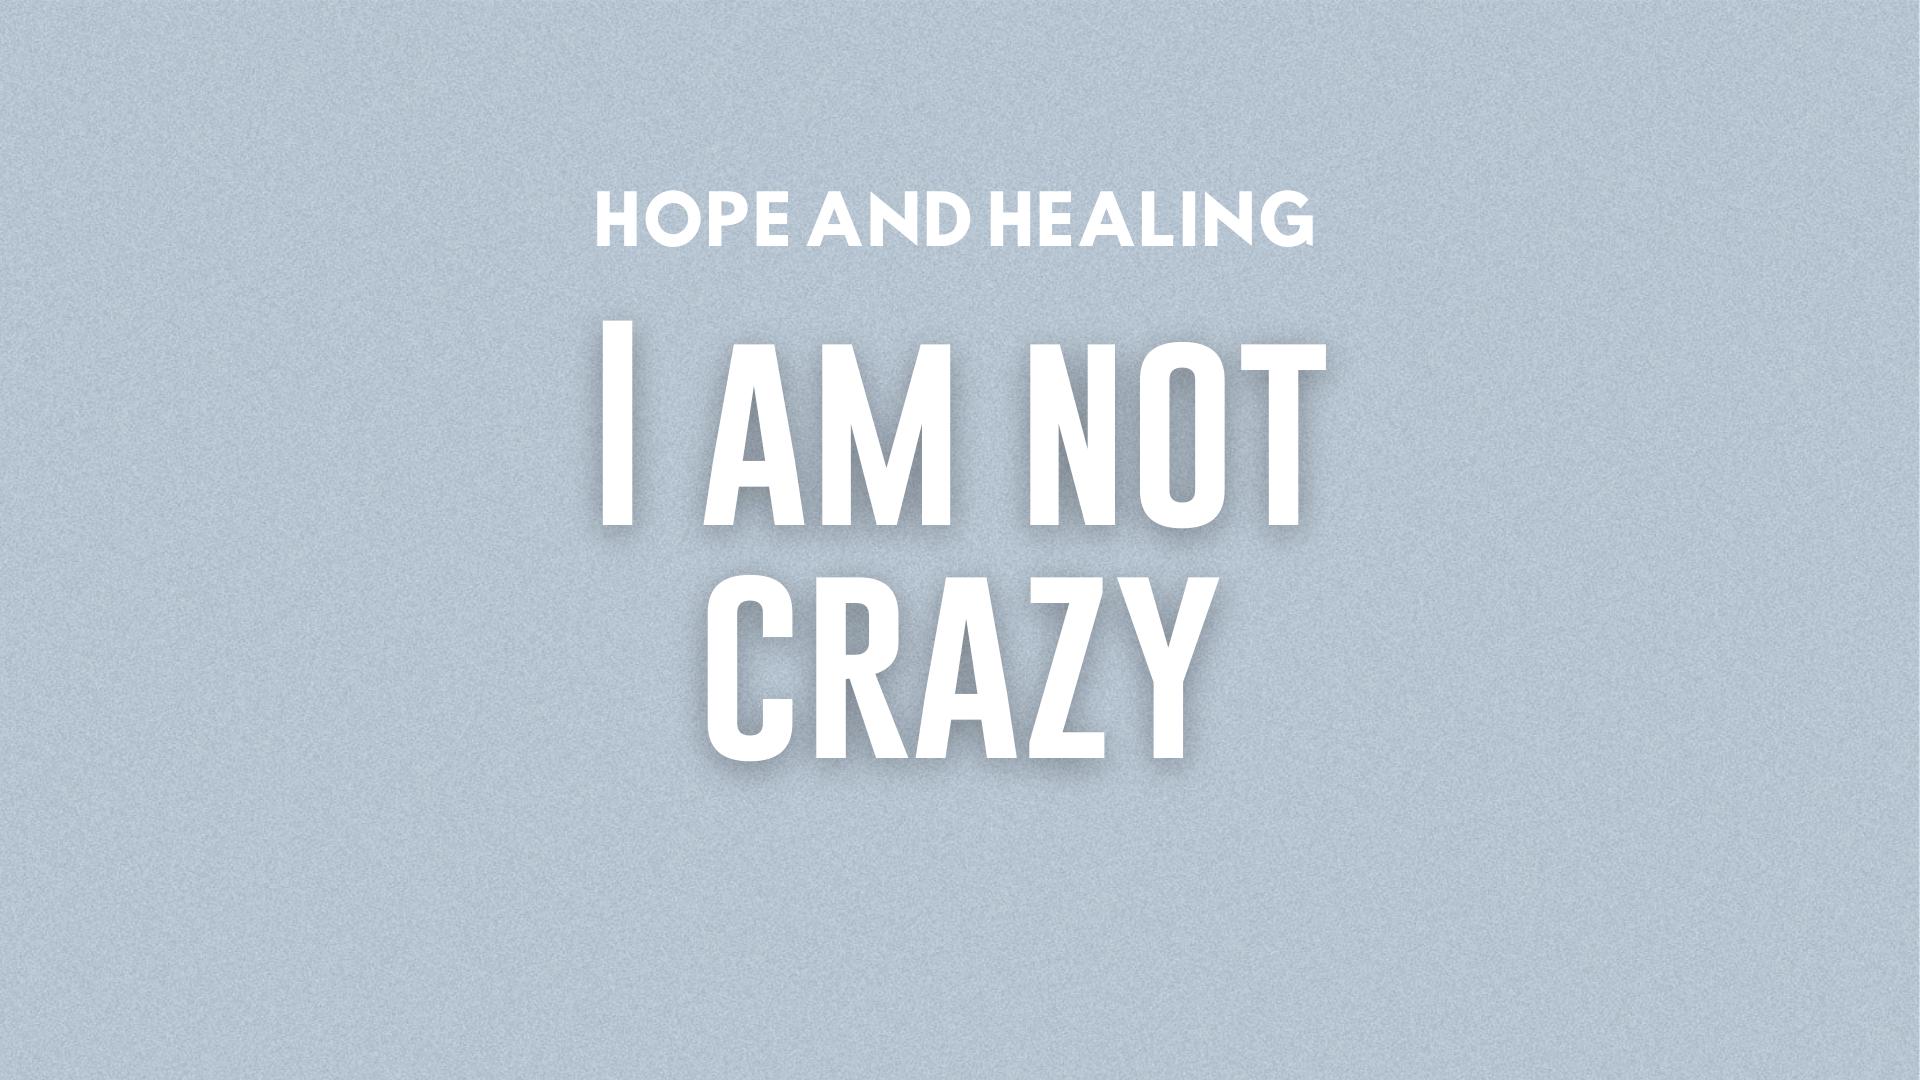 I Am Not Crazy